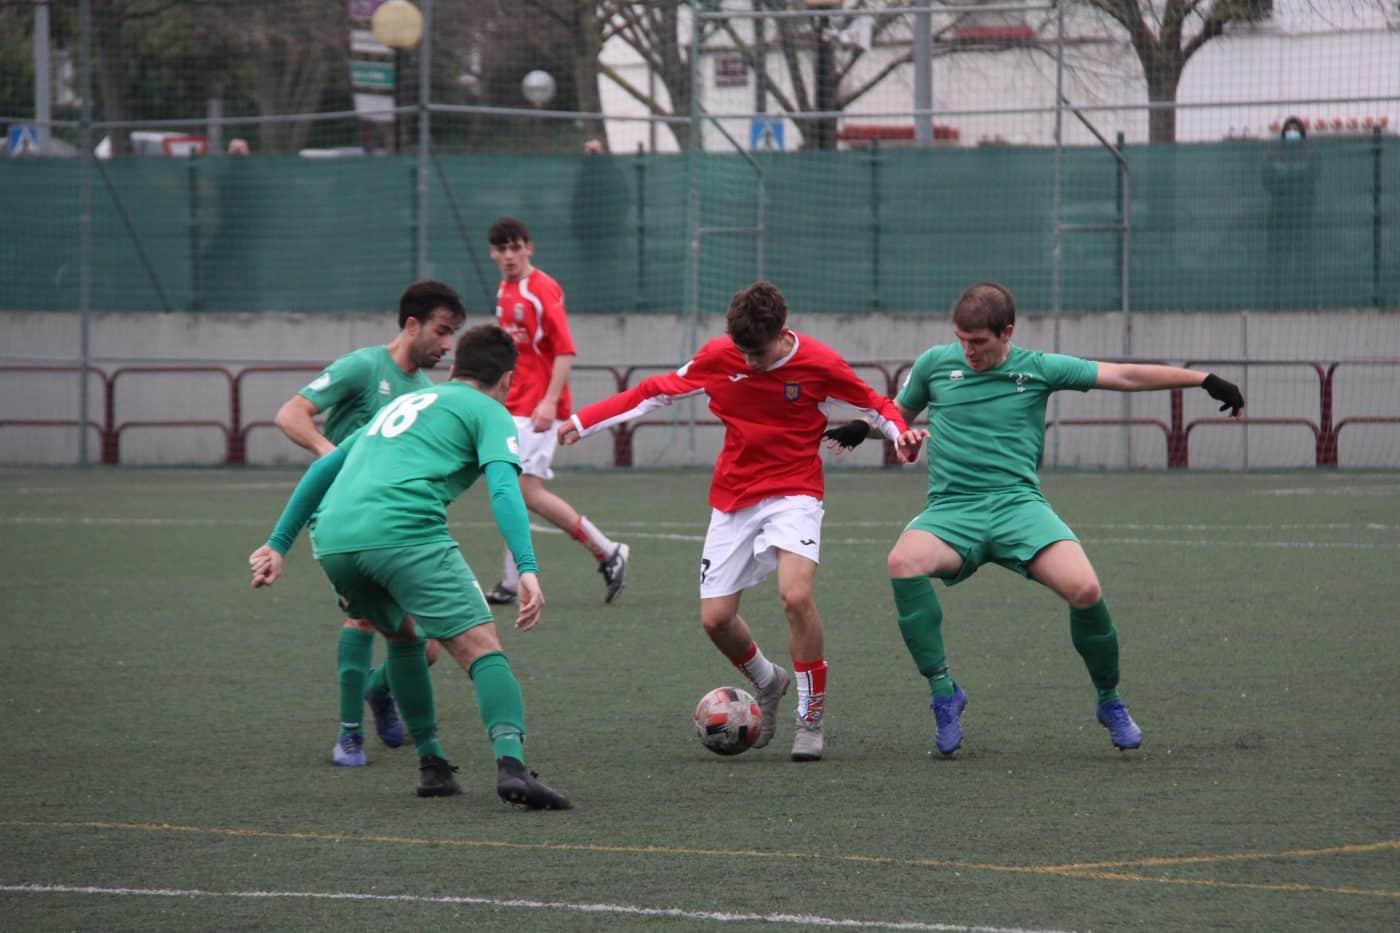 La Calzada golea al Villegas y el Náxara se lleva un partido al filo del final 1